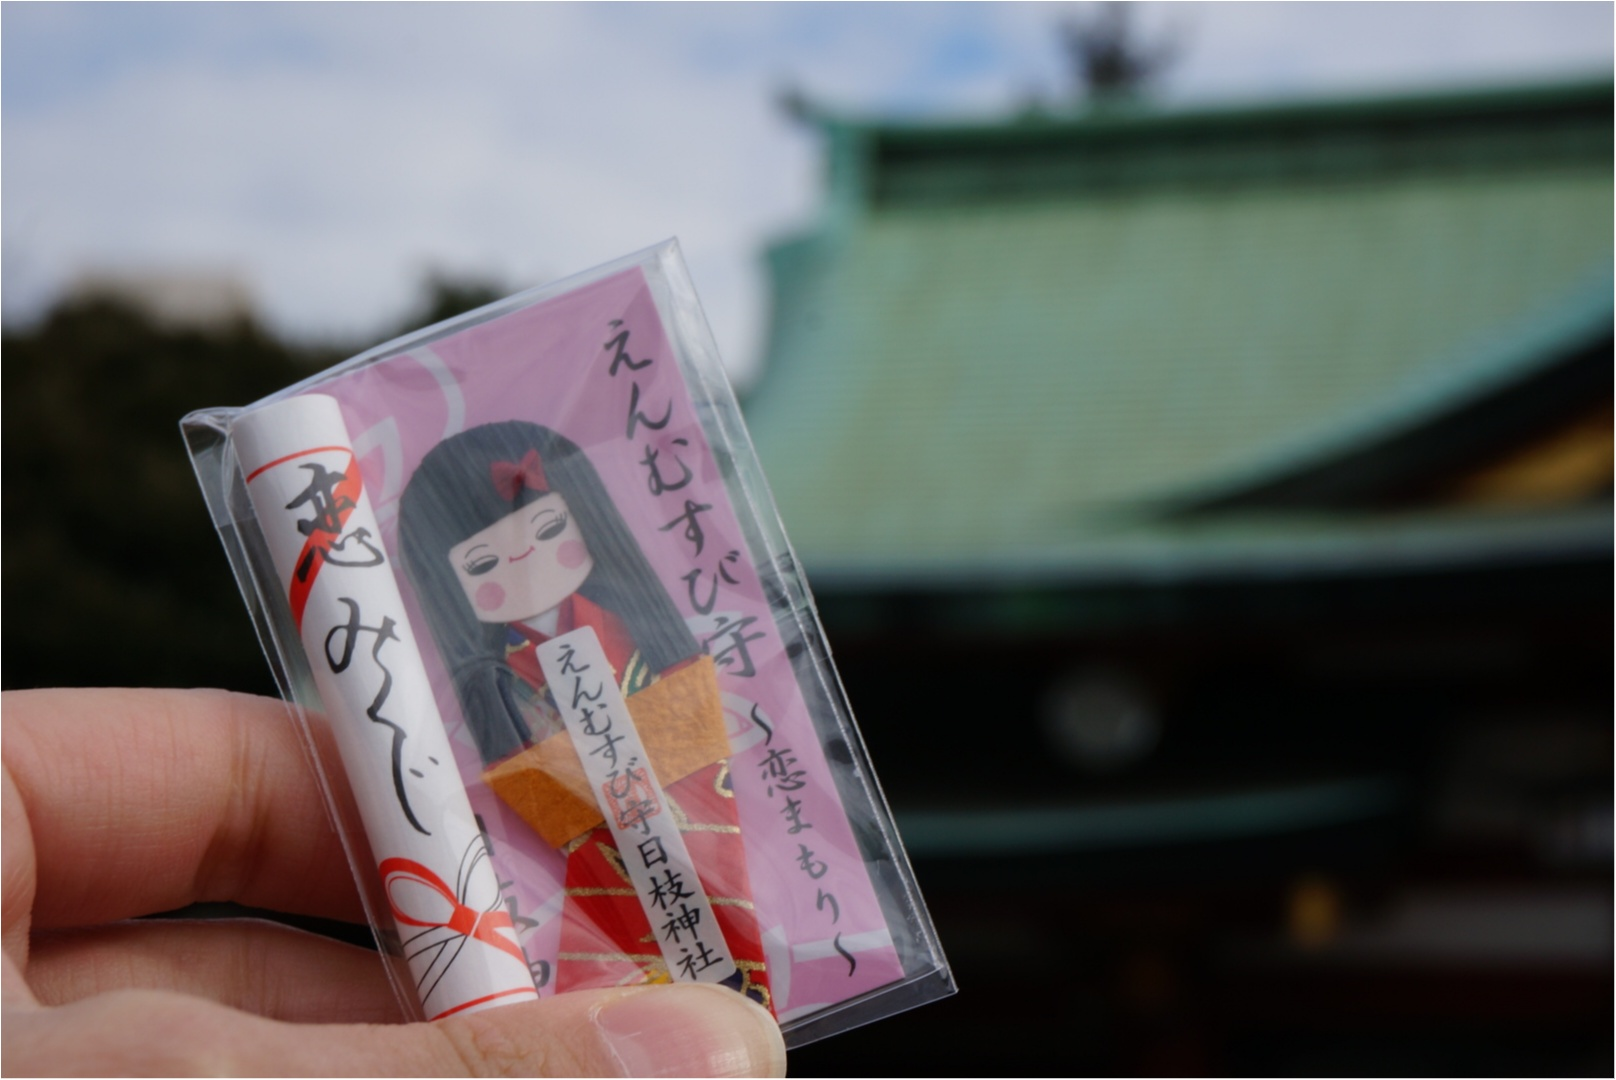 東京女子旅特集《2019最新版》- インスタ映えグルメ&スポットや、スタバの限定メニュー、縁結び・パワースポットまとめ_139